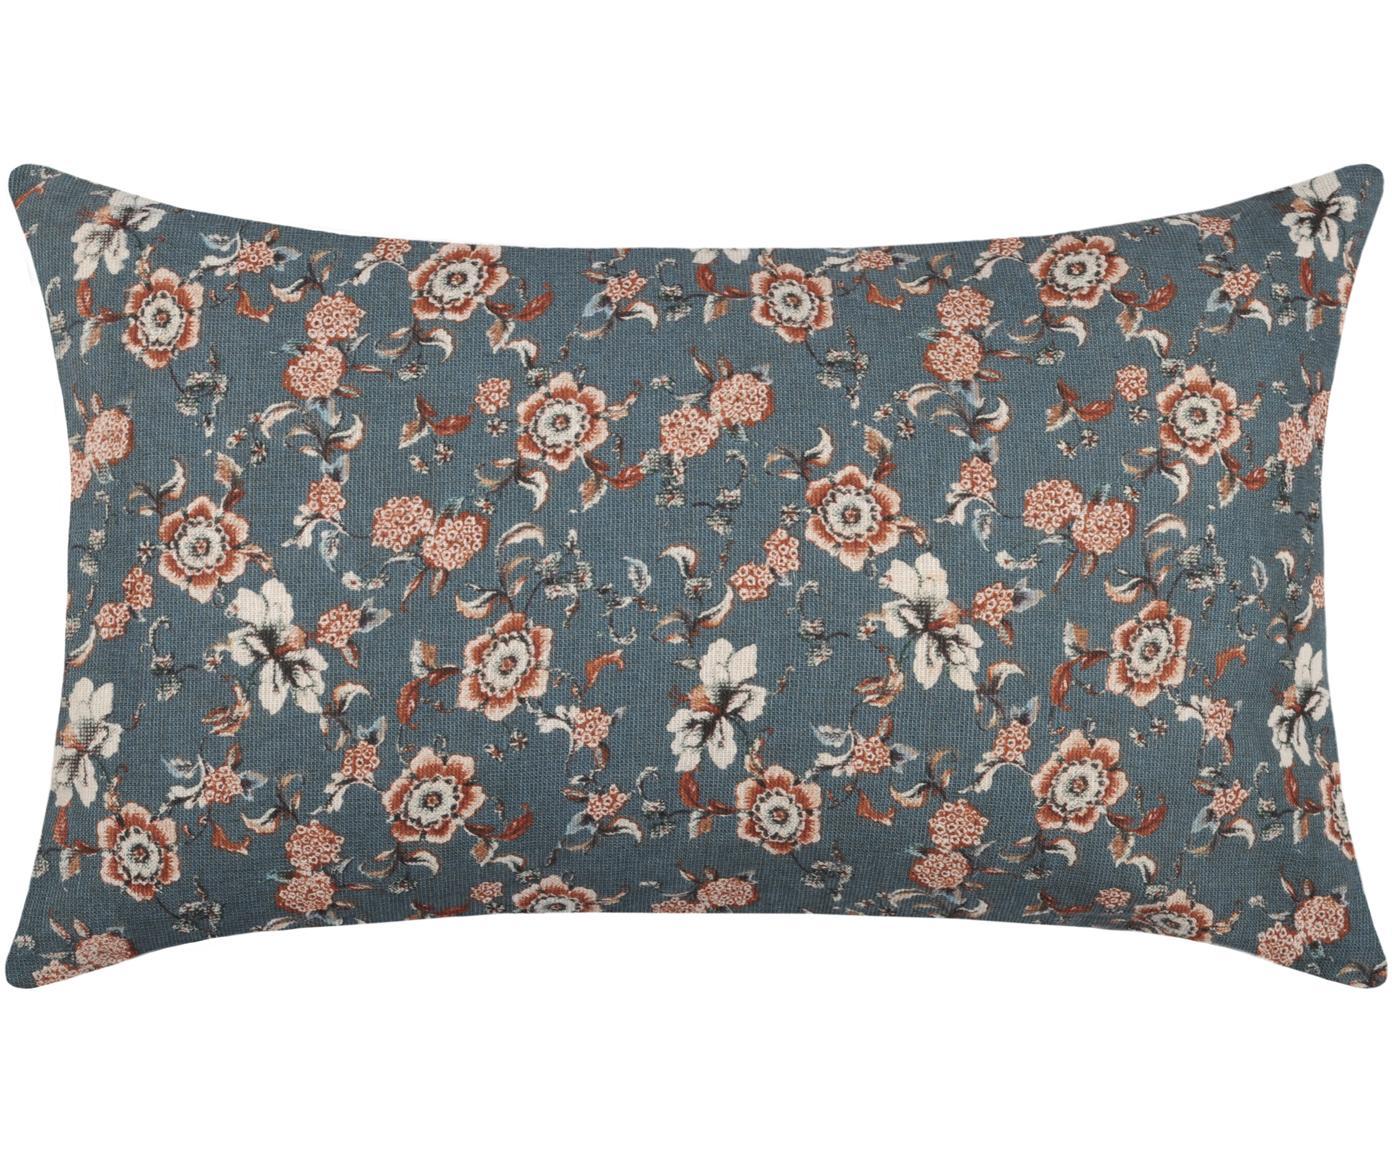 Poduszka z wypełnieniem Boudoir, Tapicerka: 50% bawełna, 15% wełna, 3, Niebieski, beżowy, czerwony, S 30 x D 50 cm